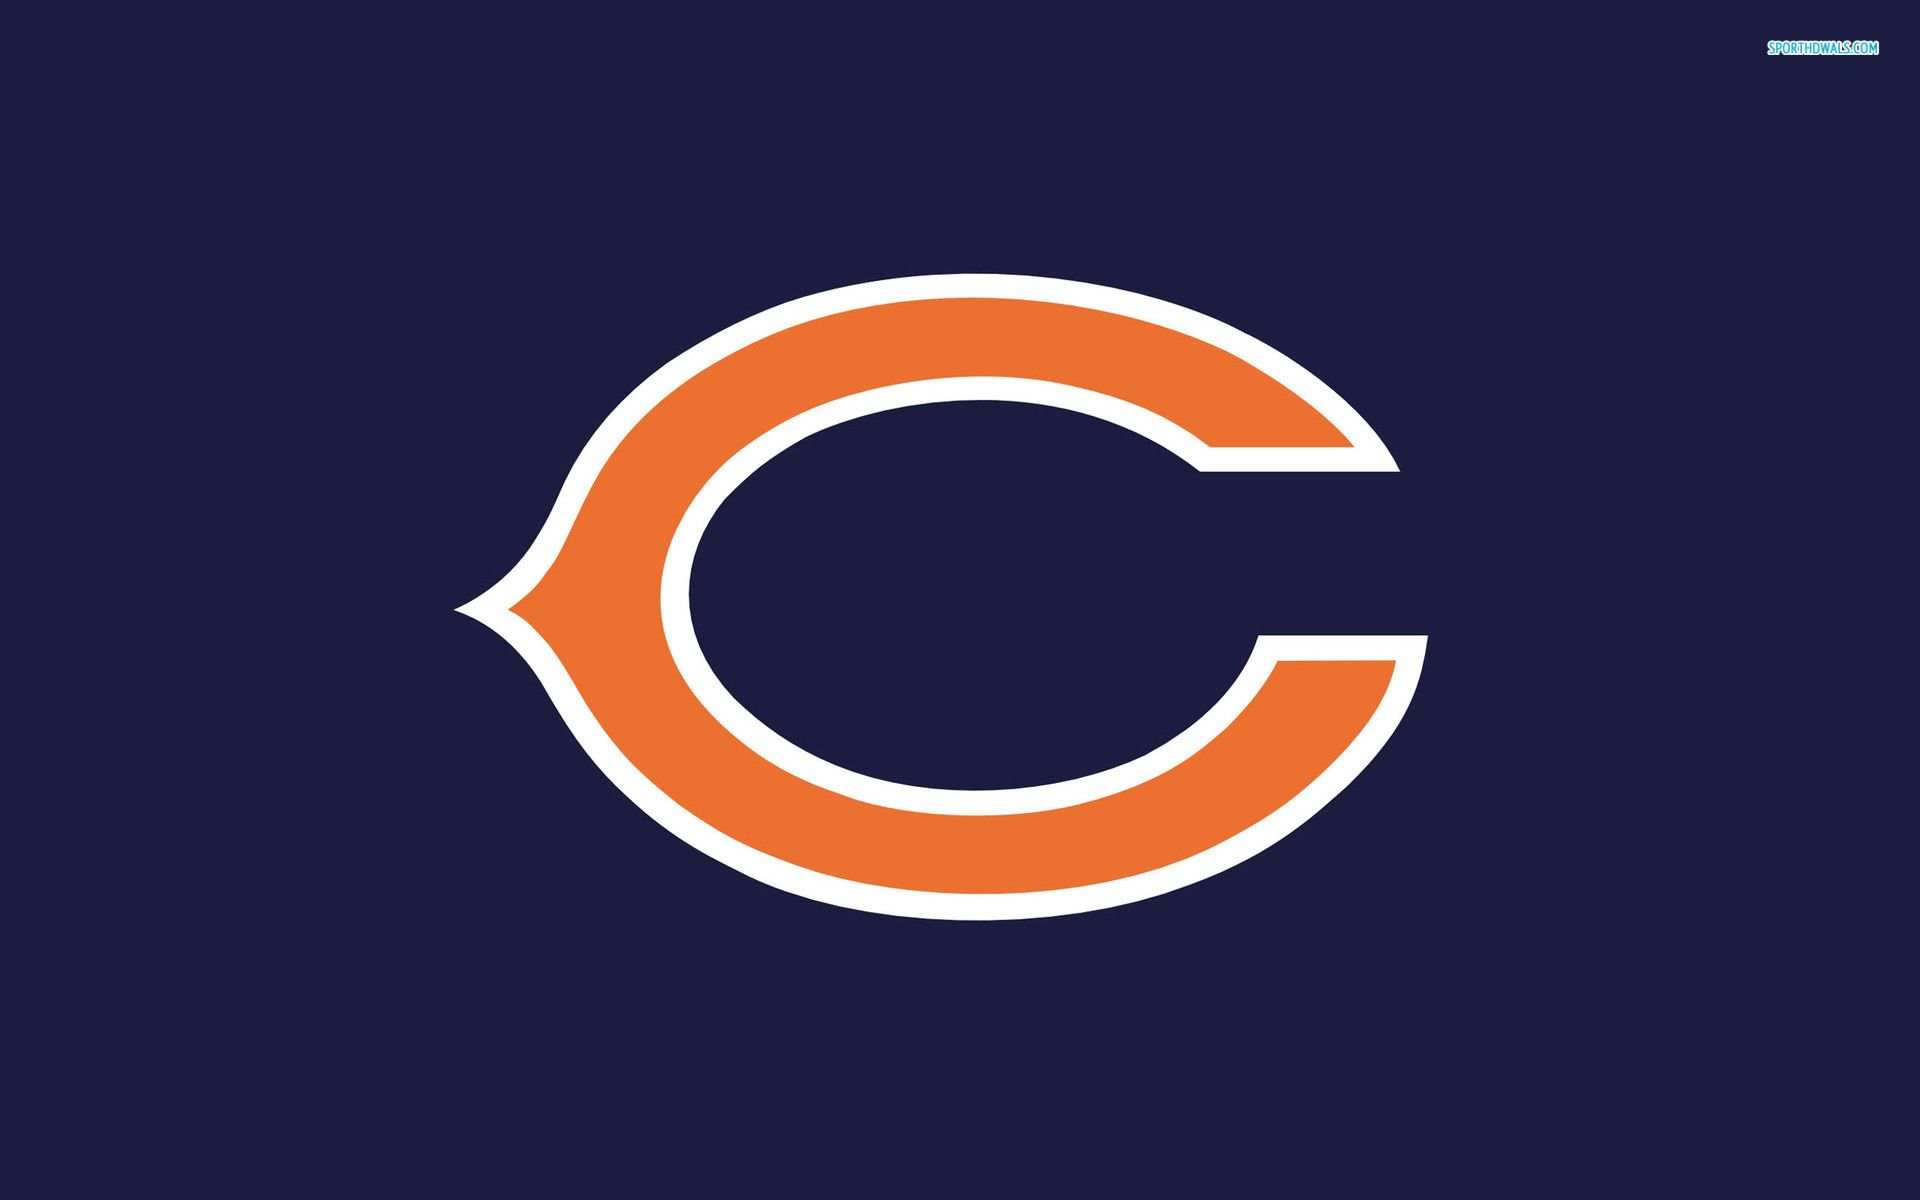 Chicago Bears Desktop Wallpaper Chicago Bears Wallpaper Chicago Bears Football Chicago Bears